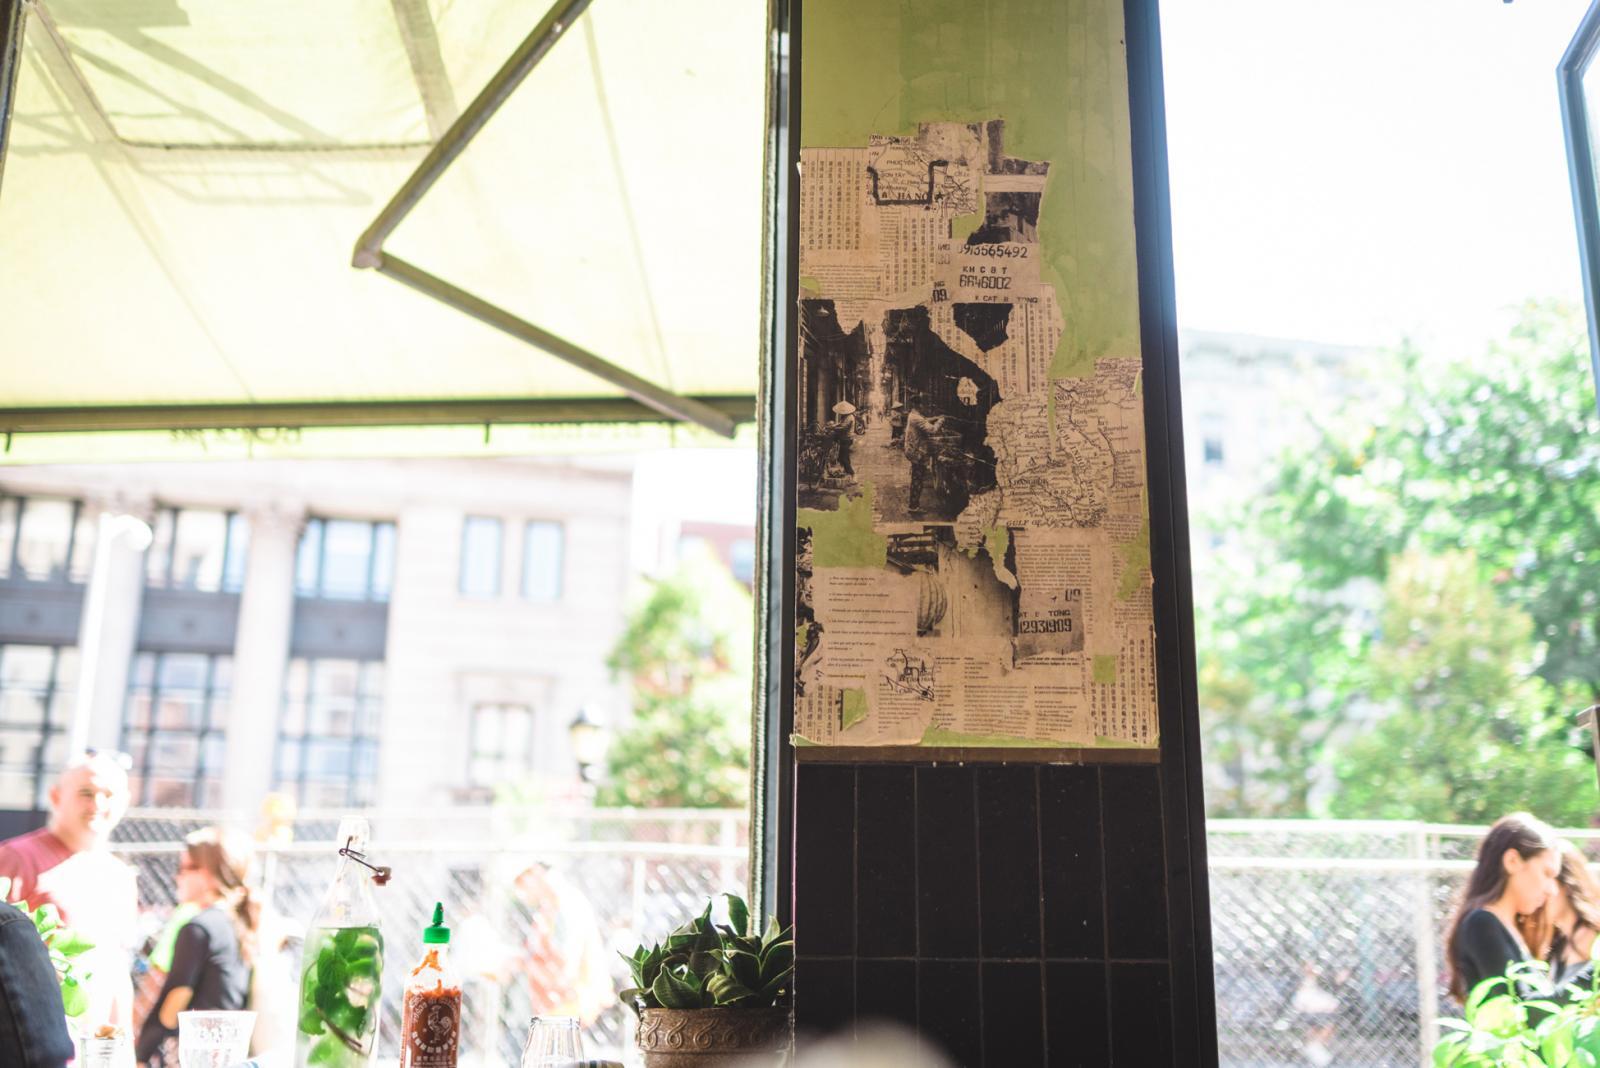 BoCaphe NYC